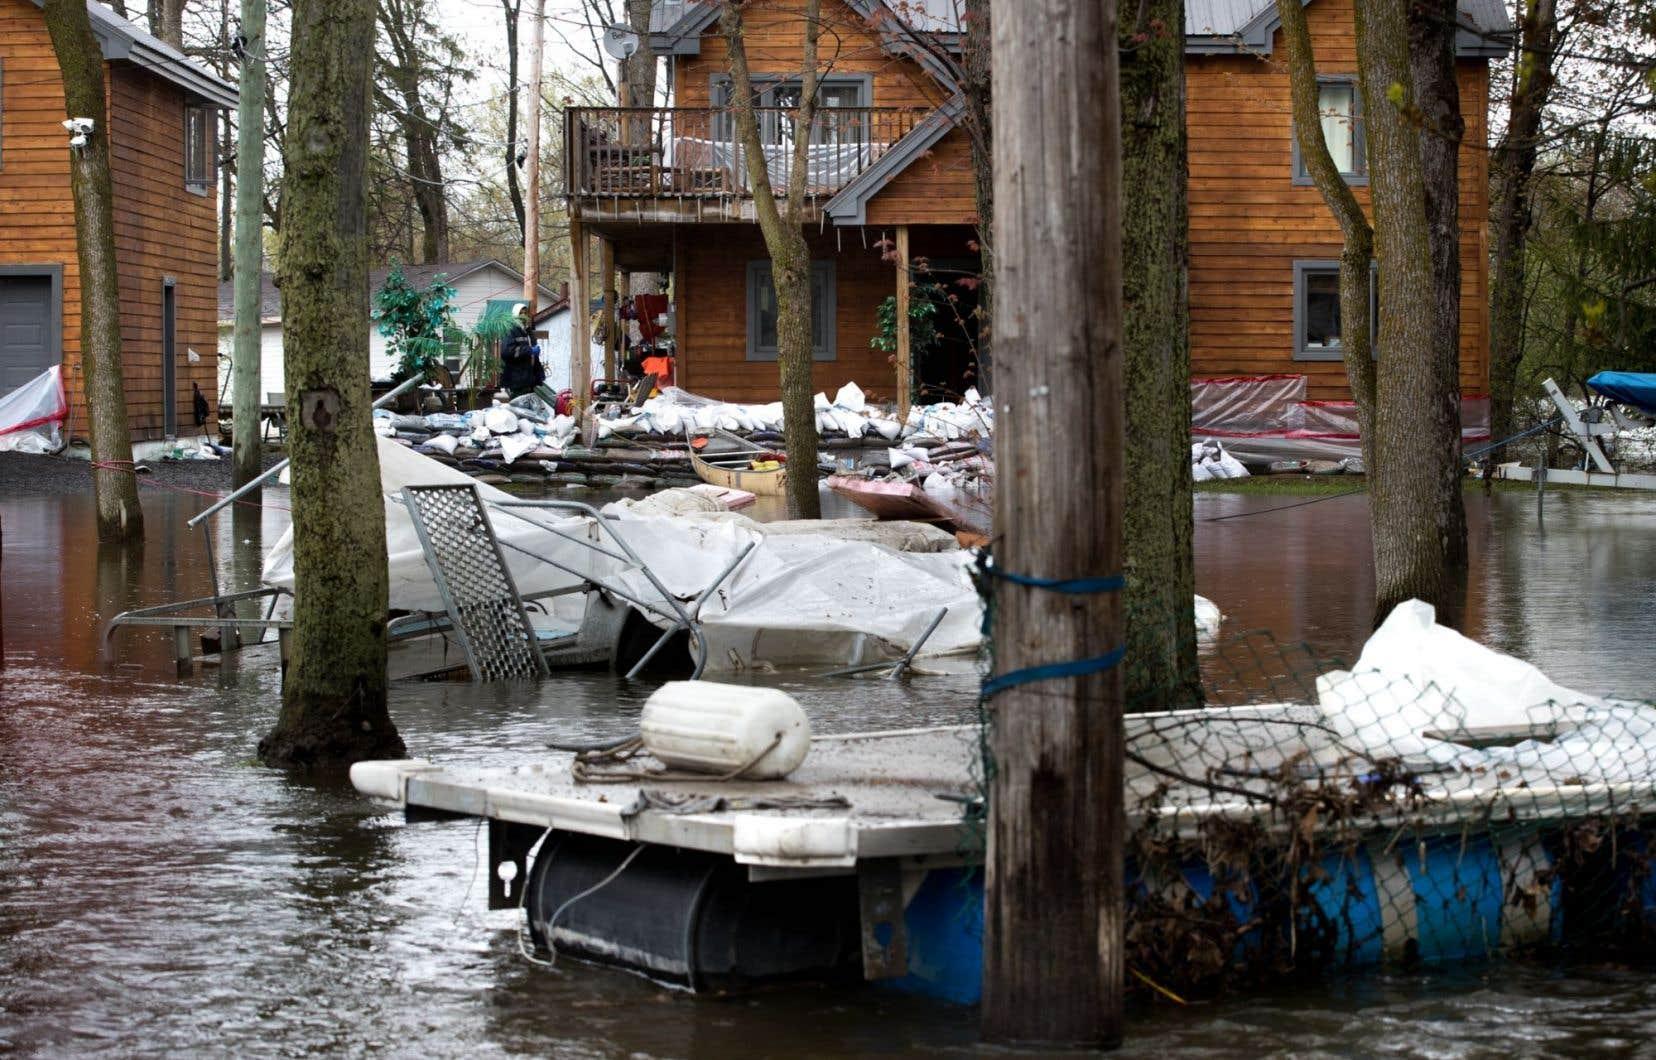 Du 5 au 7avril dernier, deux systèmes dépressionnaires ont entraîné d'importantes inondations dans le sud du Québec.